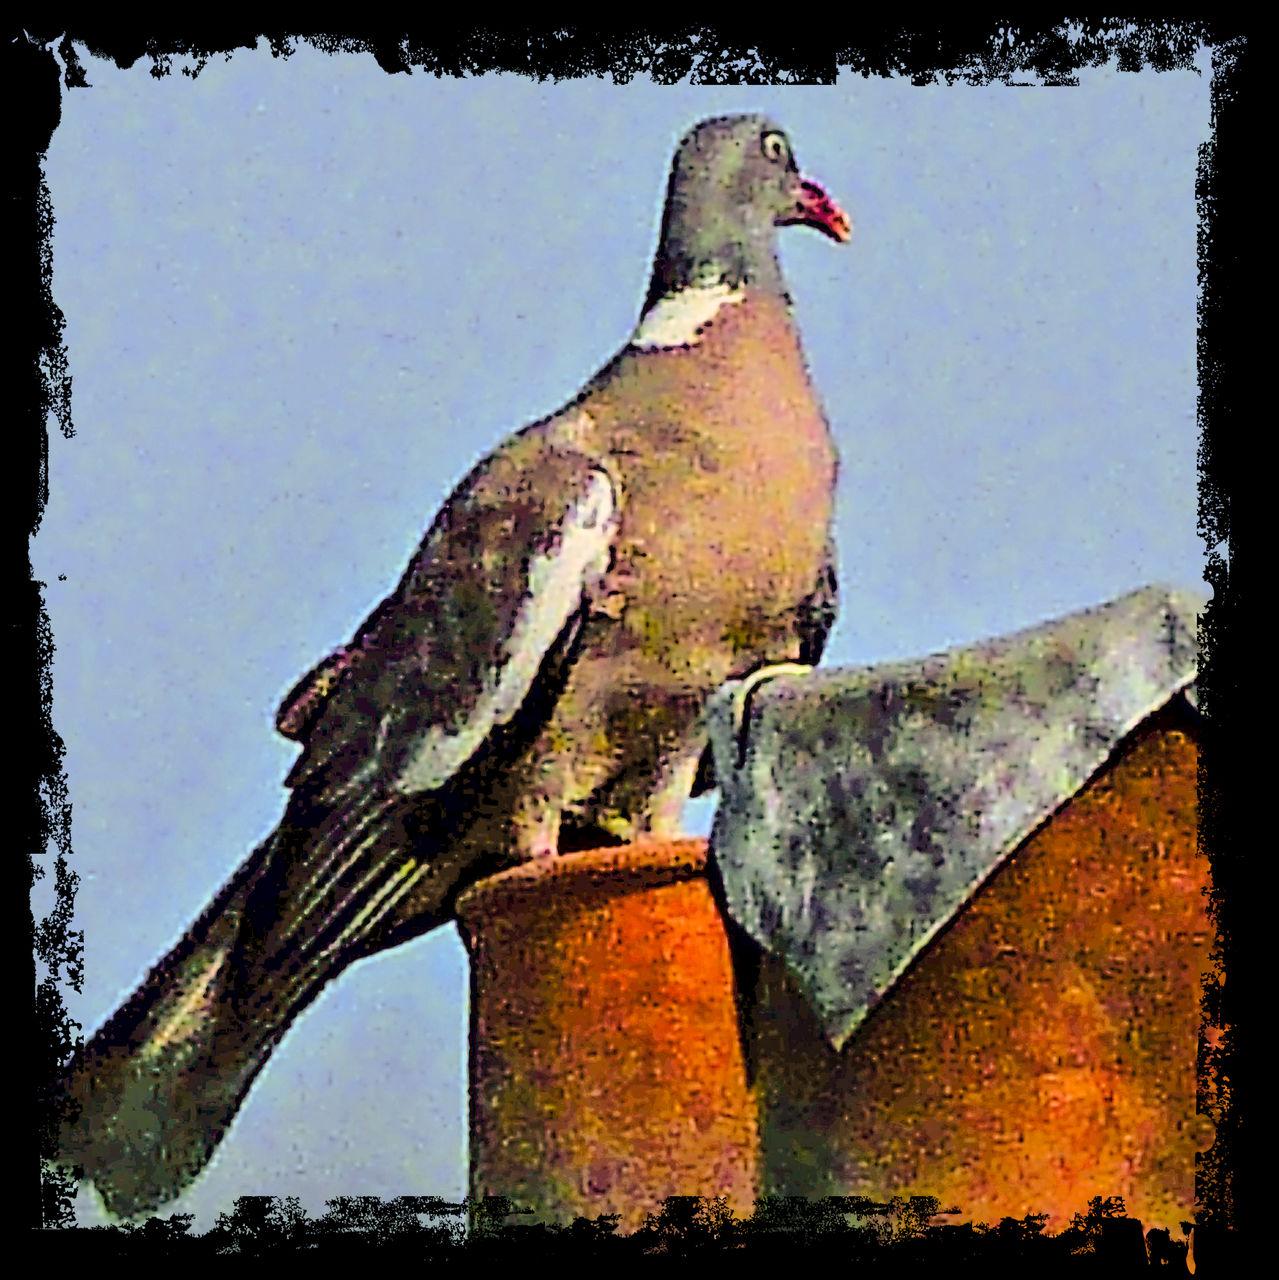 frédéric perrin pigeon contour brut 2